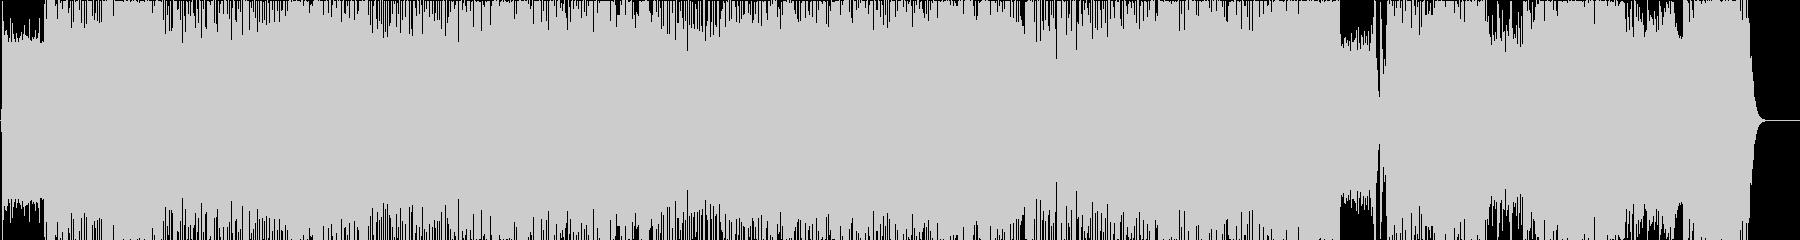 グルーヴィーでテクニカルなデスメタル の未再生の波形